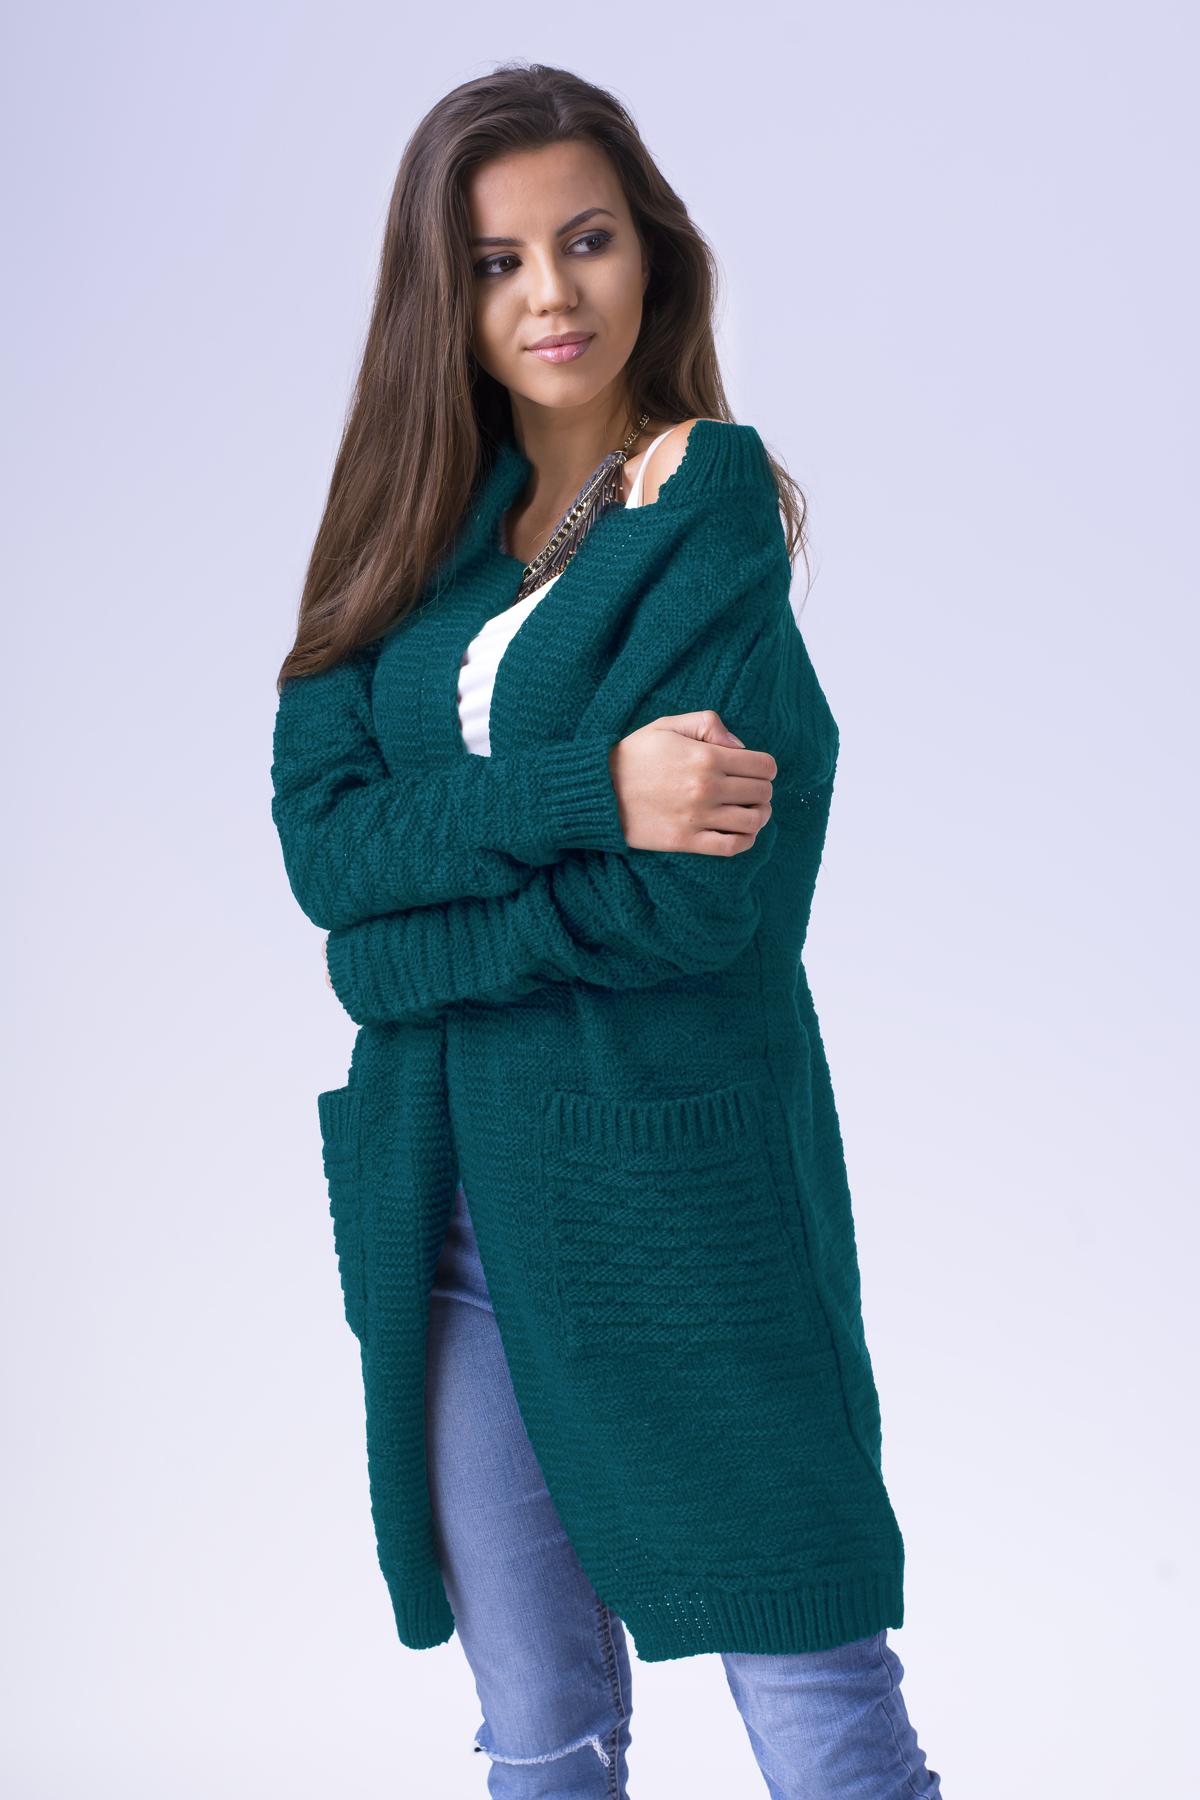 5e999f393fc0 Tmavozelený dámsky sveter s vreckami SOFFIA zväčšiť obrázok